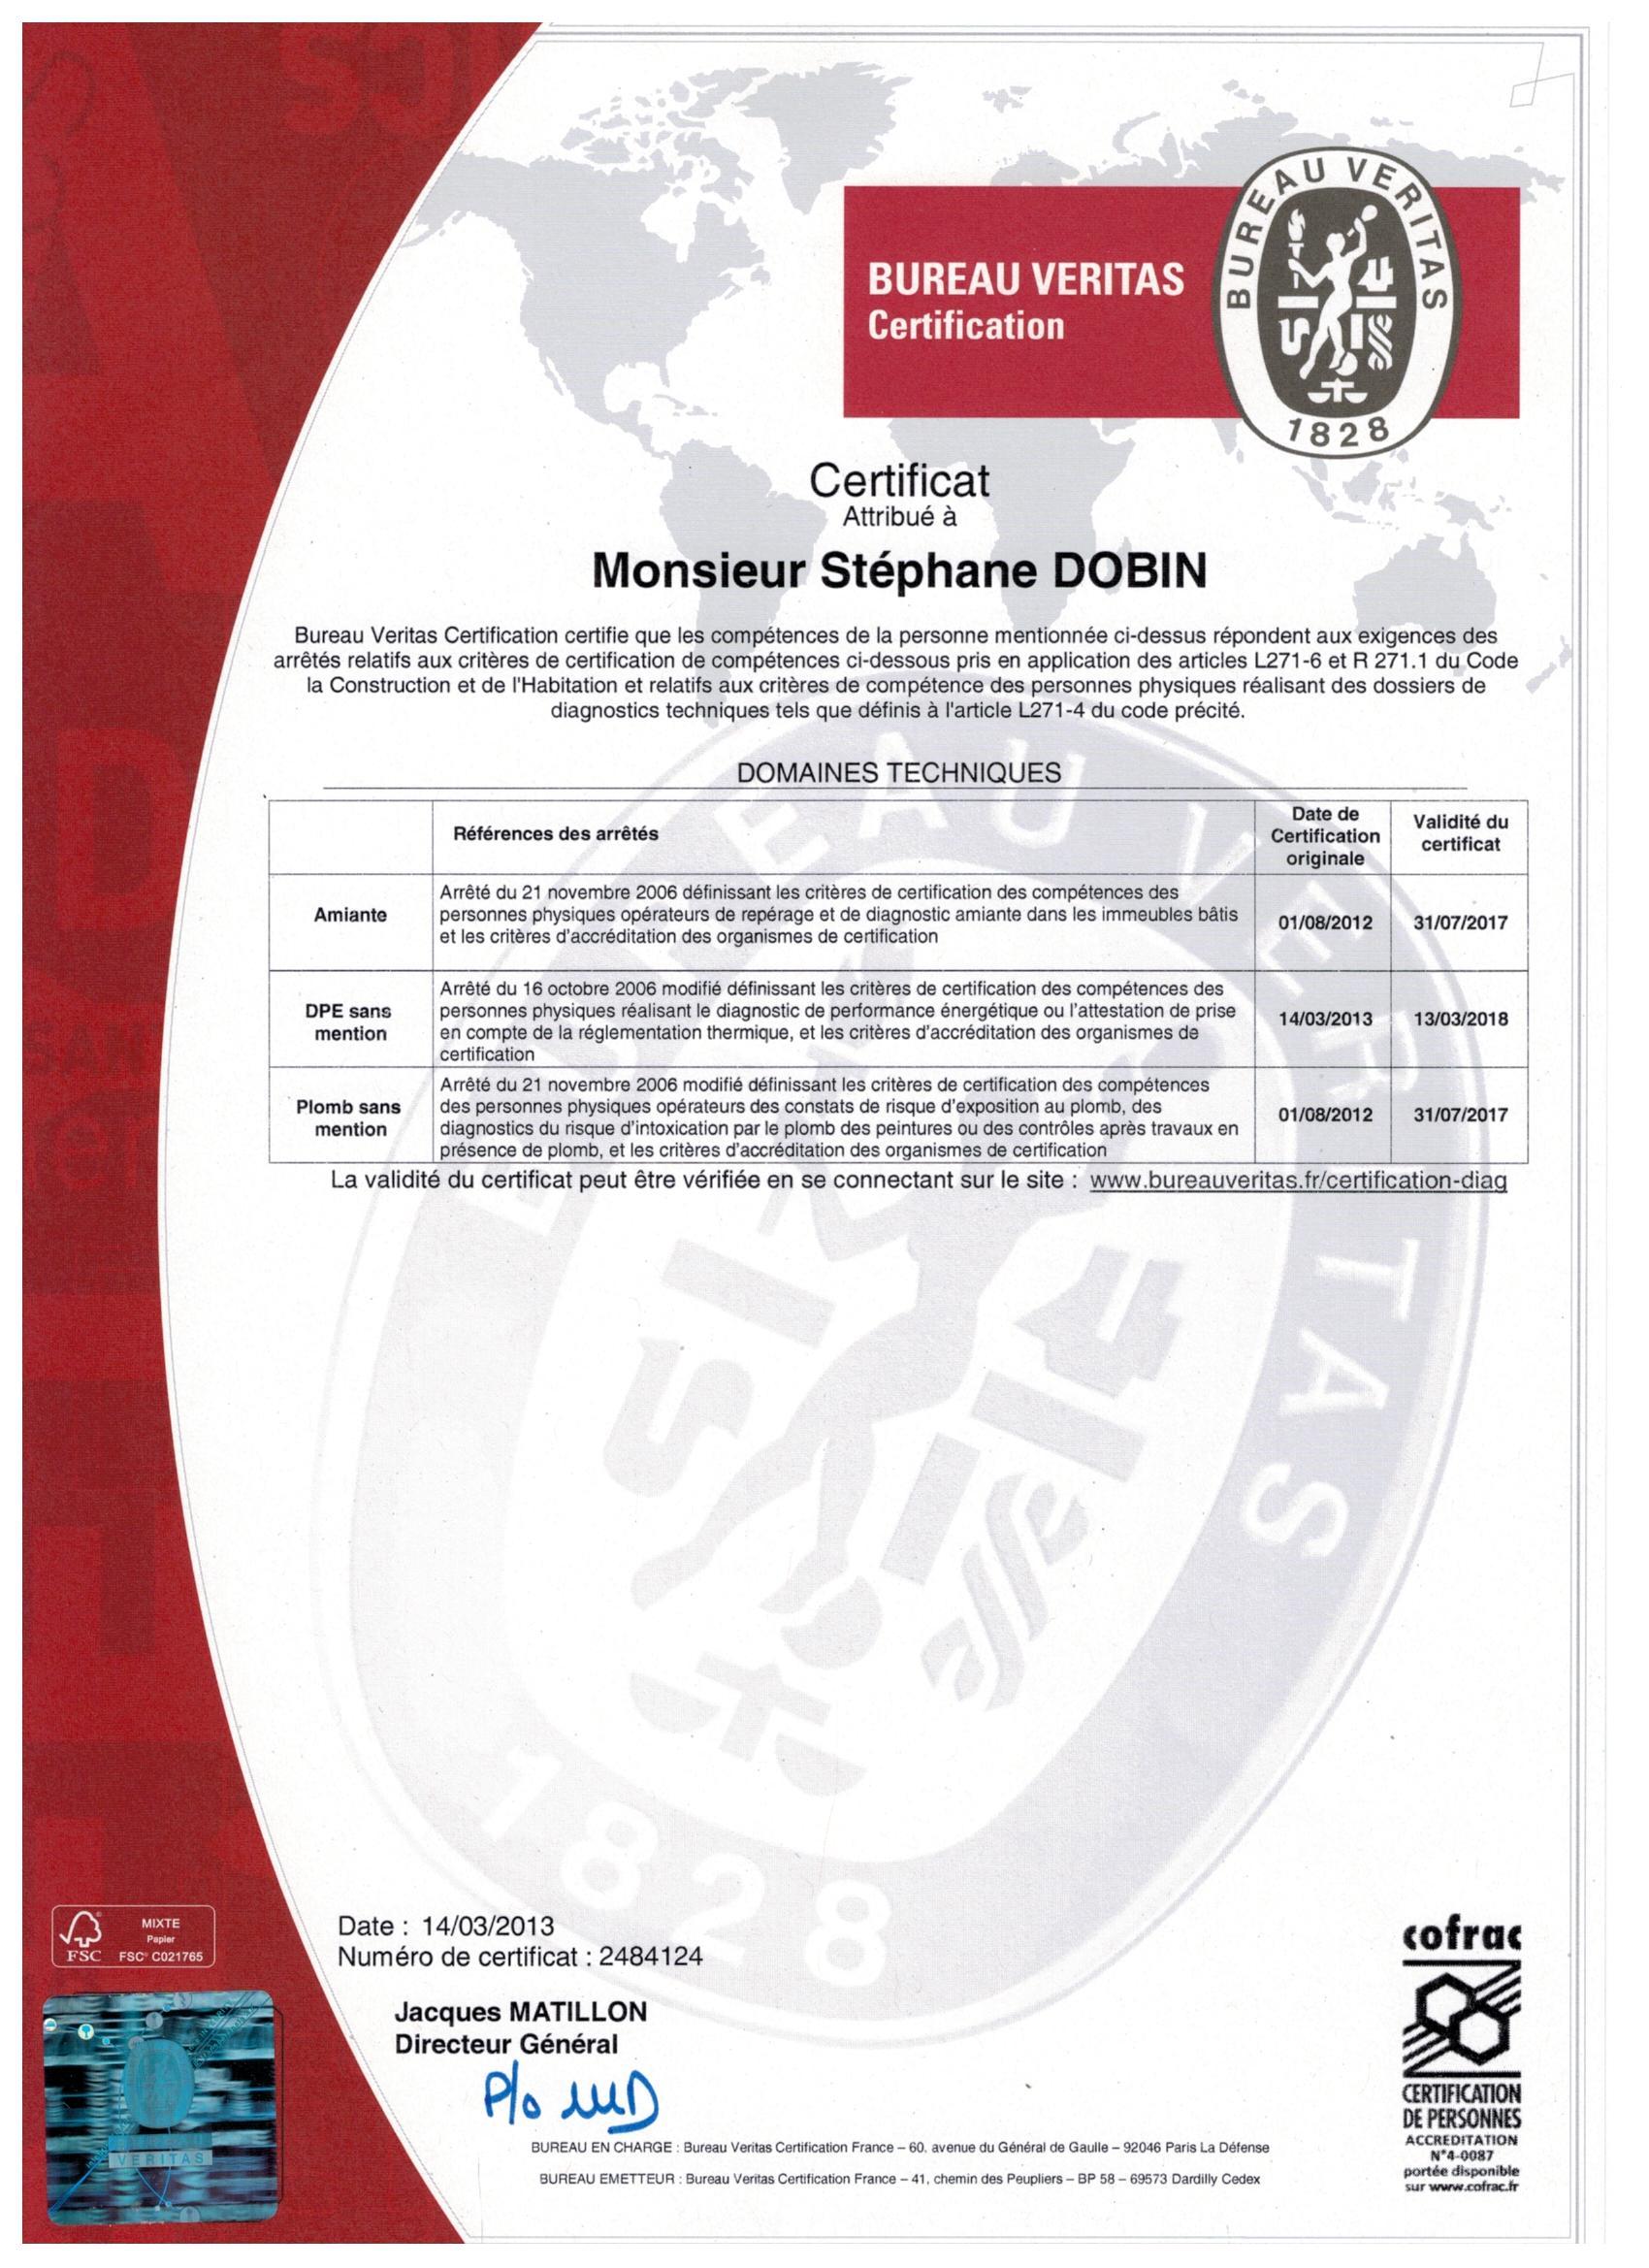 Certification du bureau VERITAS